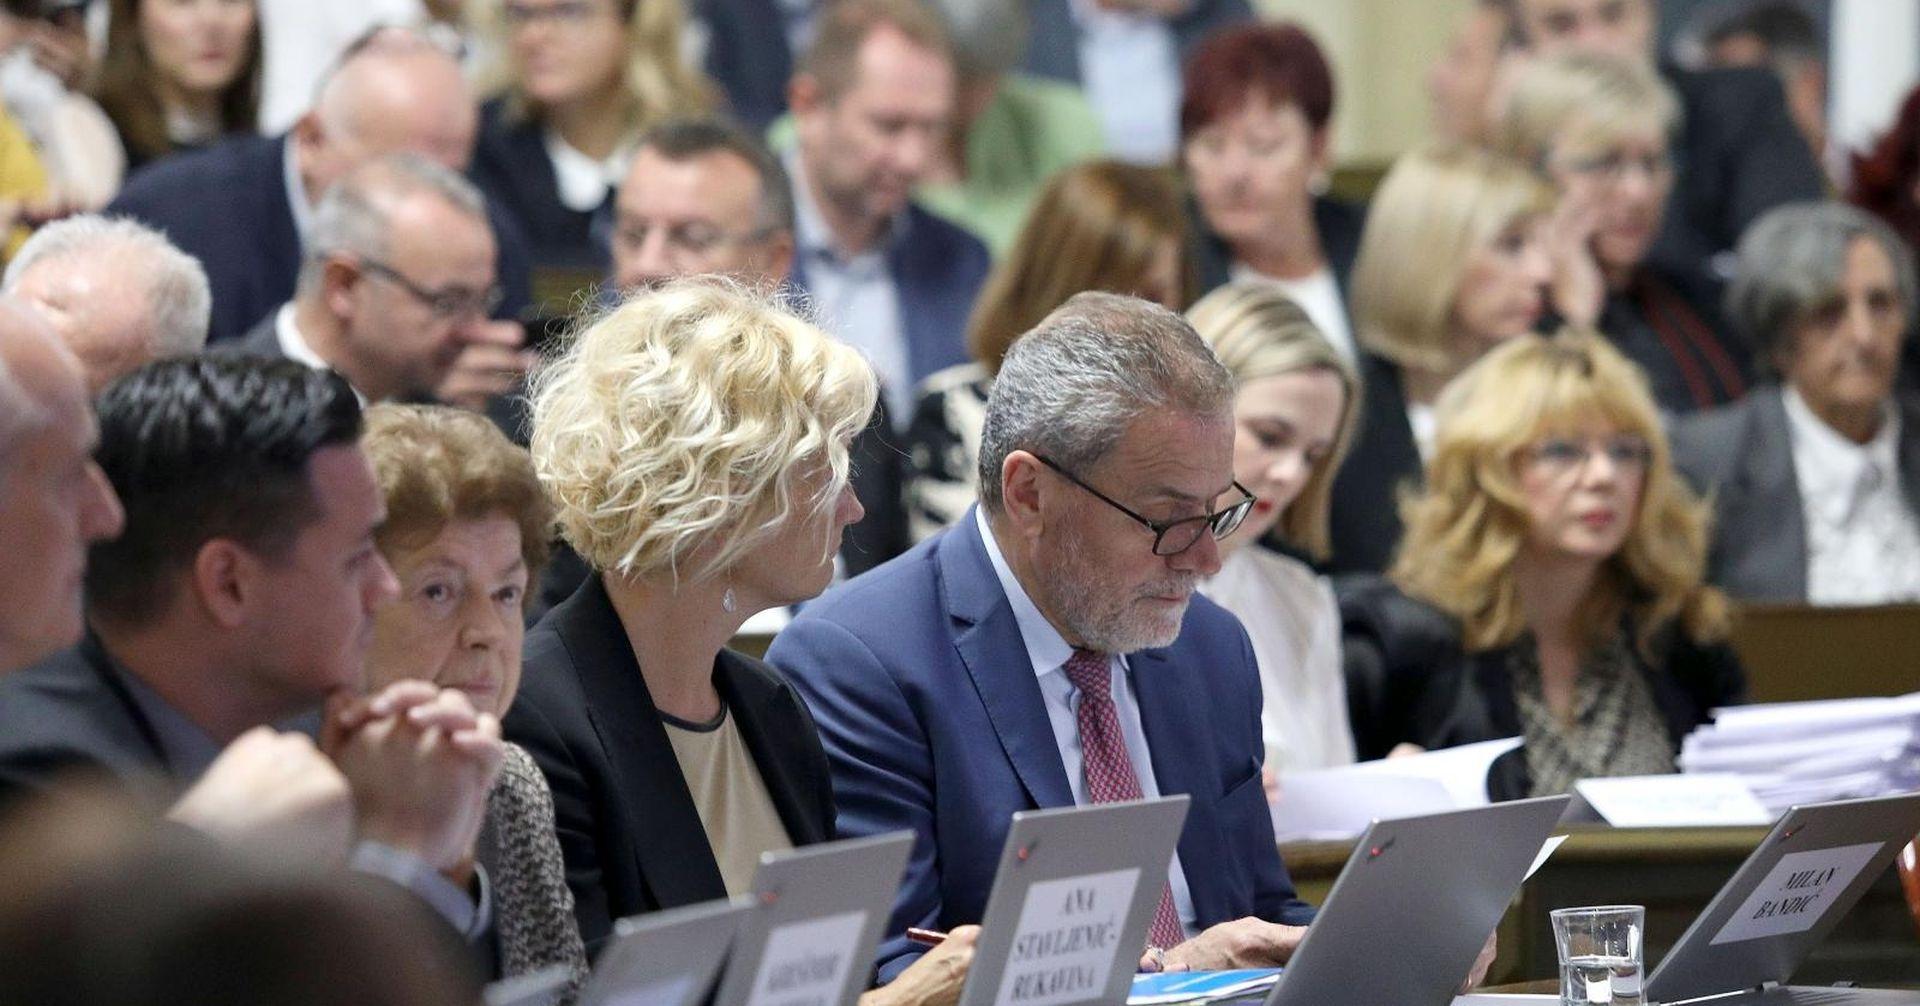 Skupština većinom glasova prihvatila izmjenu Statuta Grada Zagreba